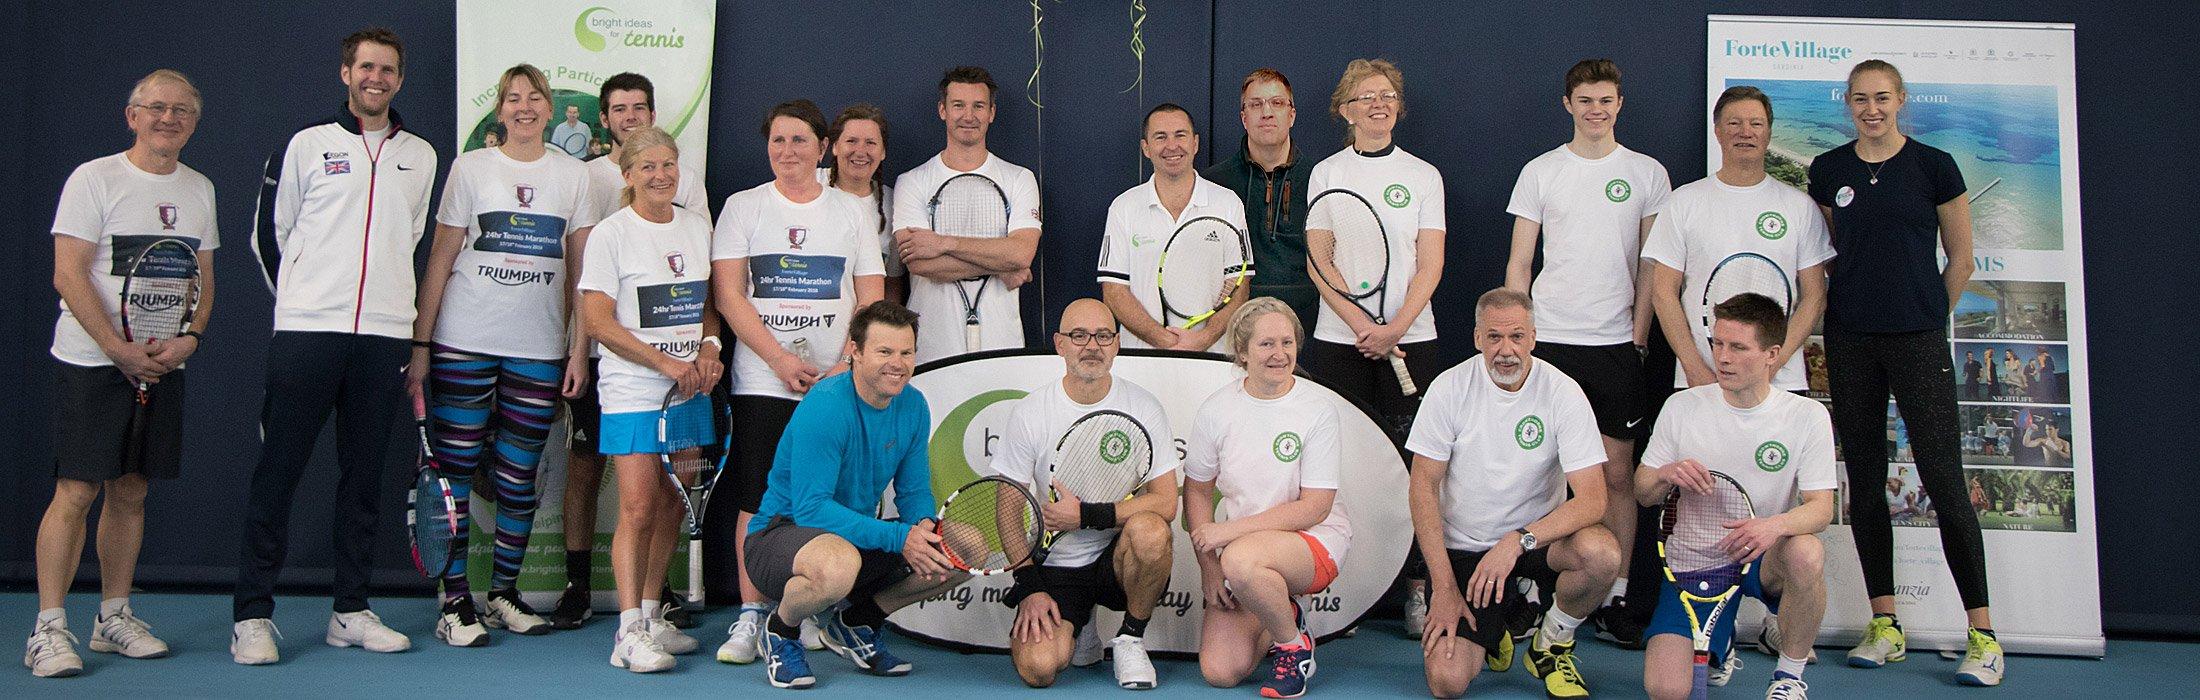 Crowthorne Tennis Club 24hr Tennis Marathon team